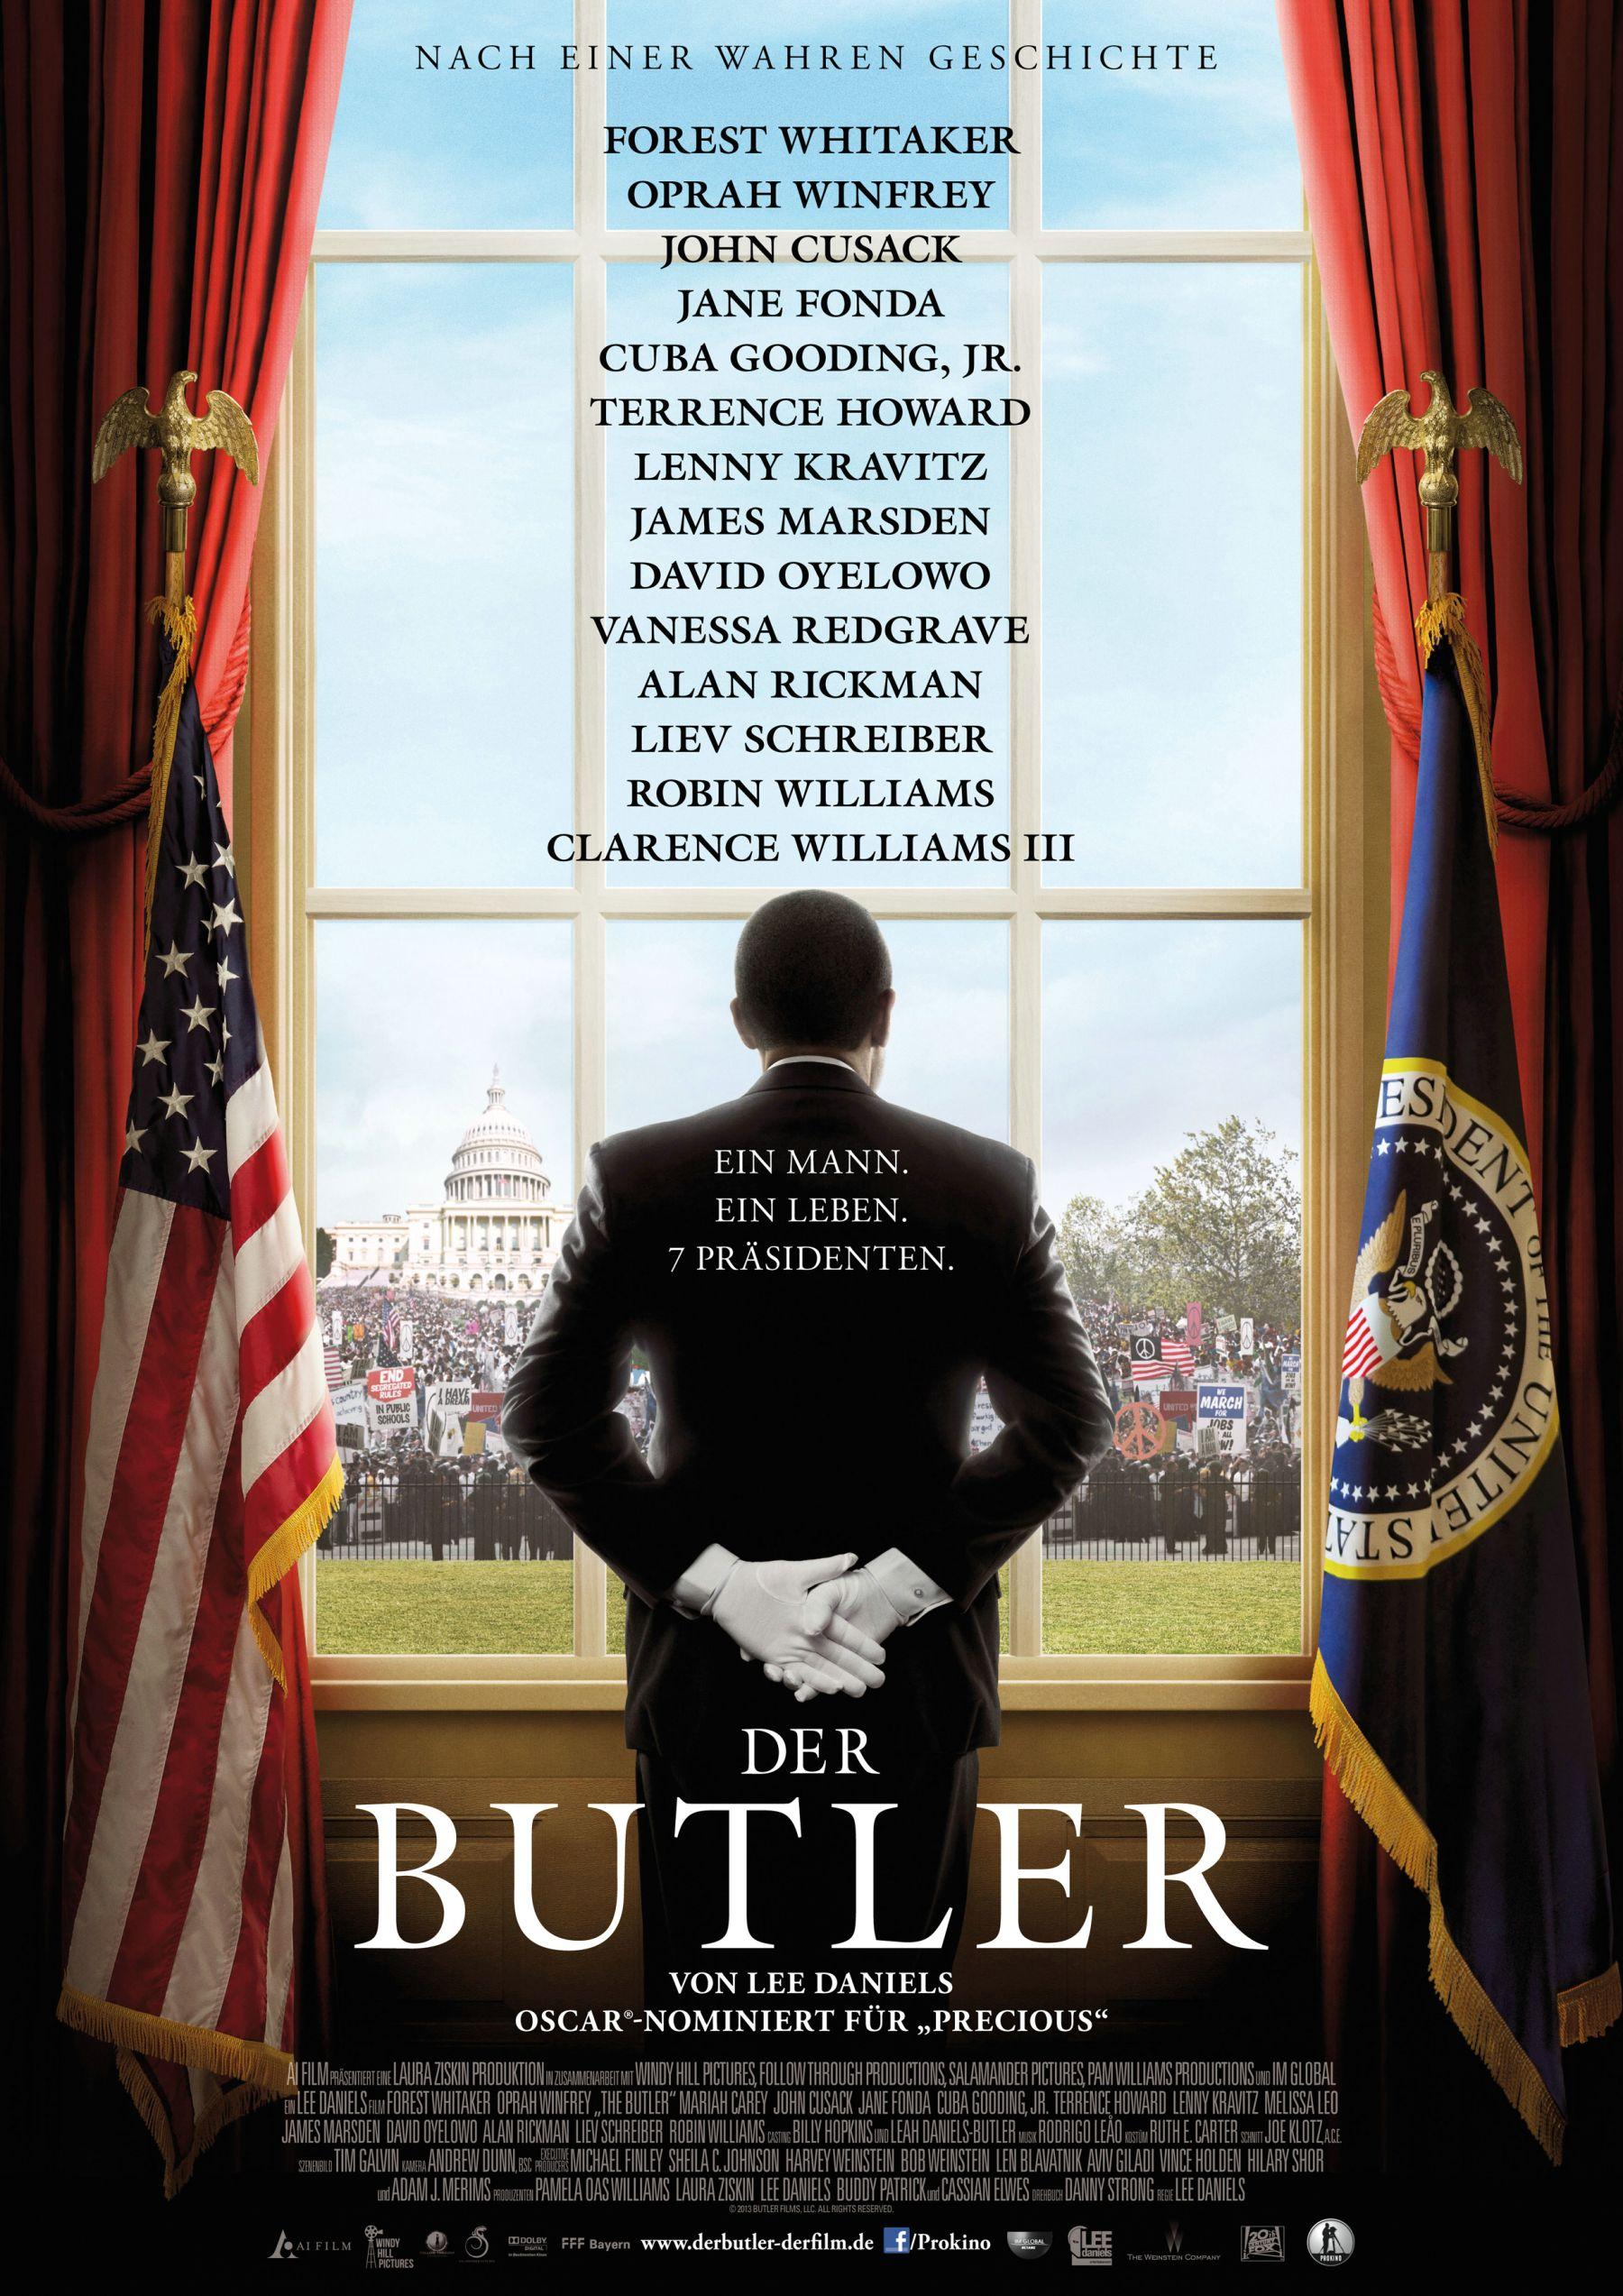 Der butler viel hilft viel die nacht der lebenden texte for Butlers impressum